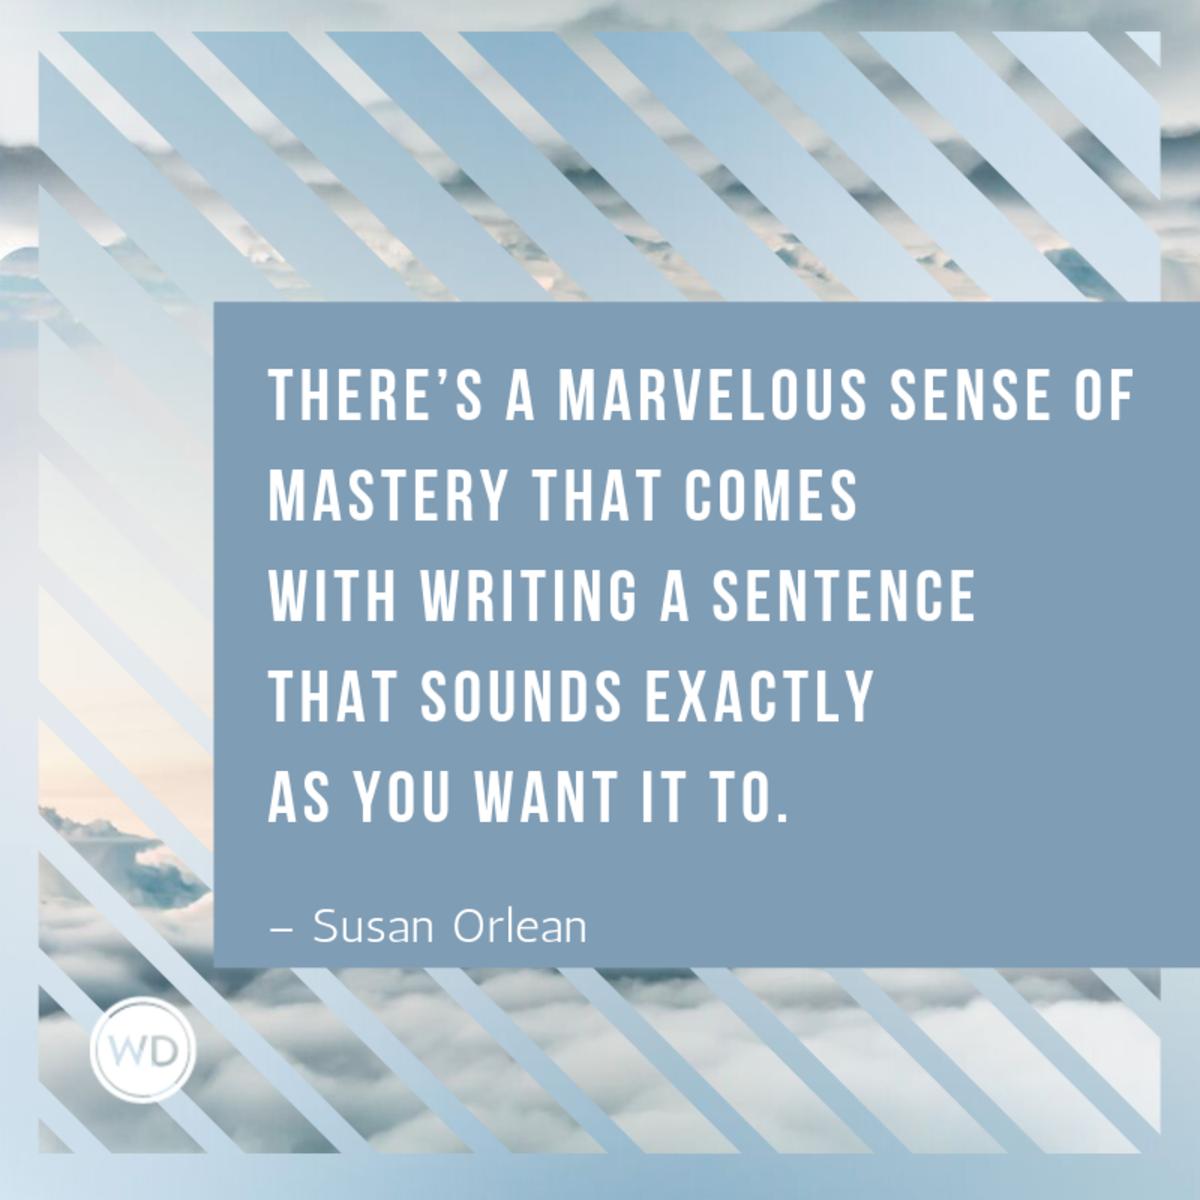 Susan Orlean quotes